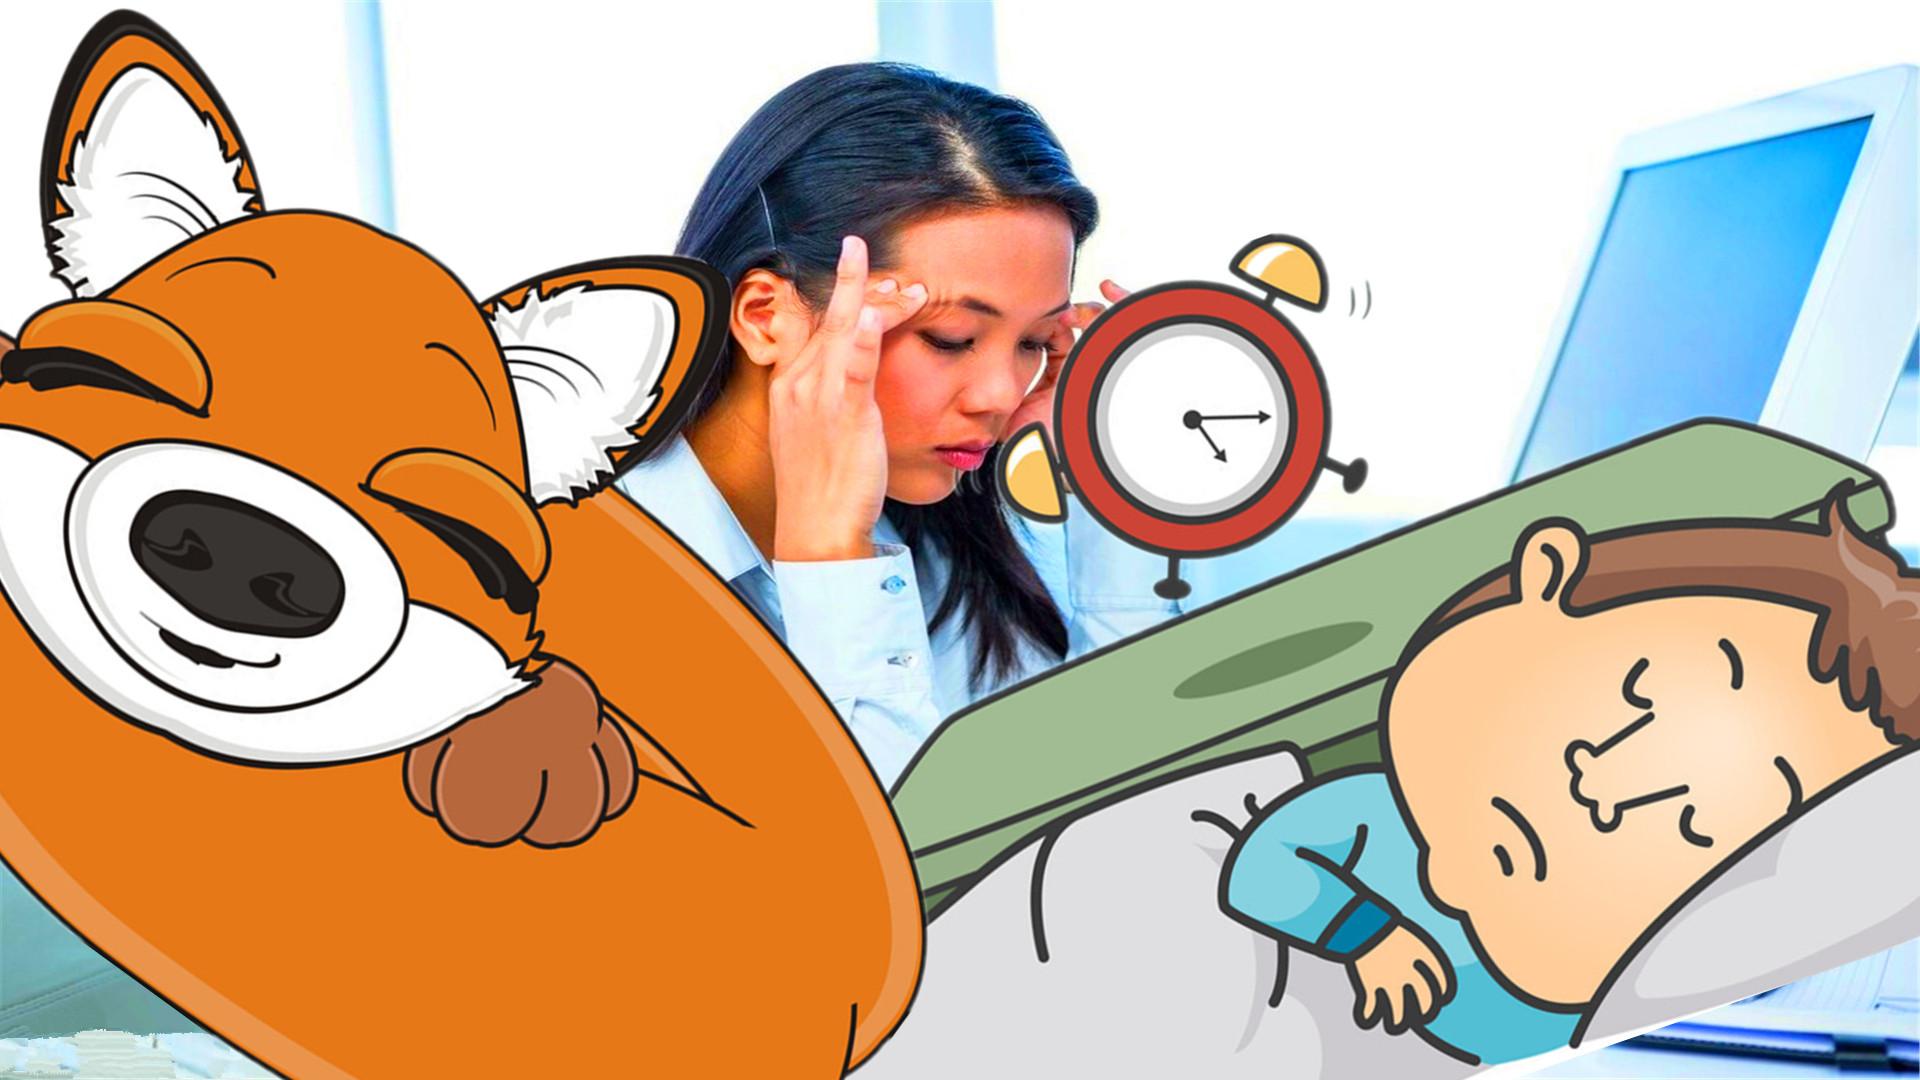 失眠与原生家庭有关吗?心理师说好睡眠是修炼出来的,与他人无关